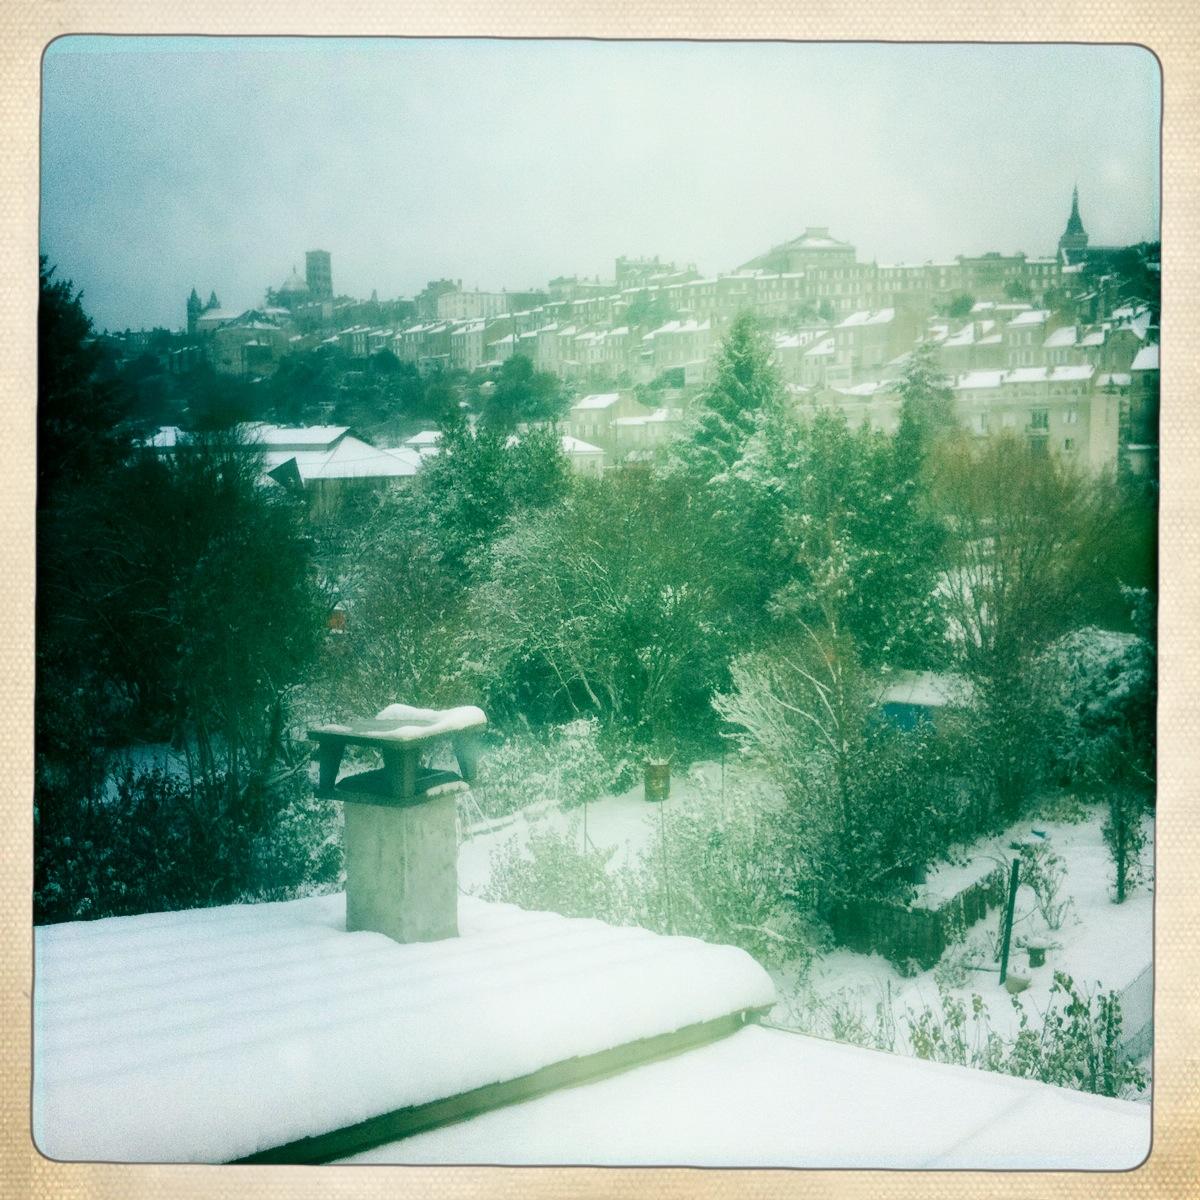 Angouleme sous la neige